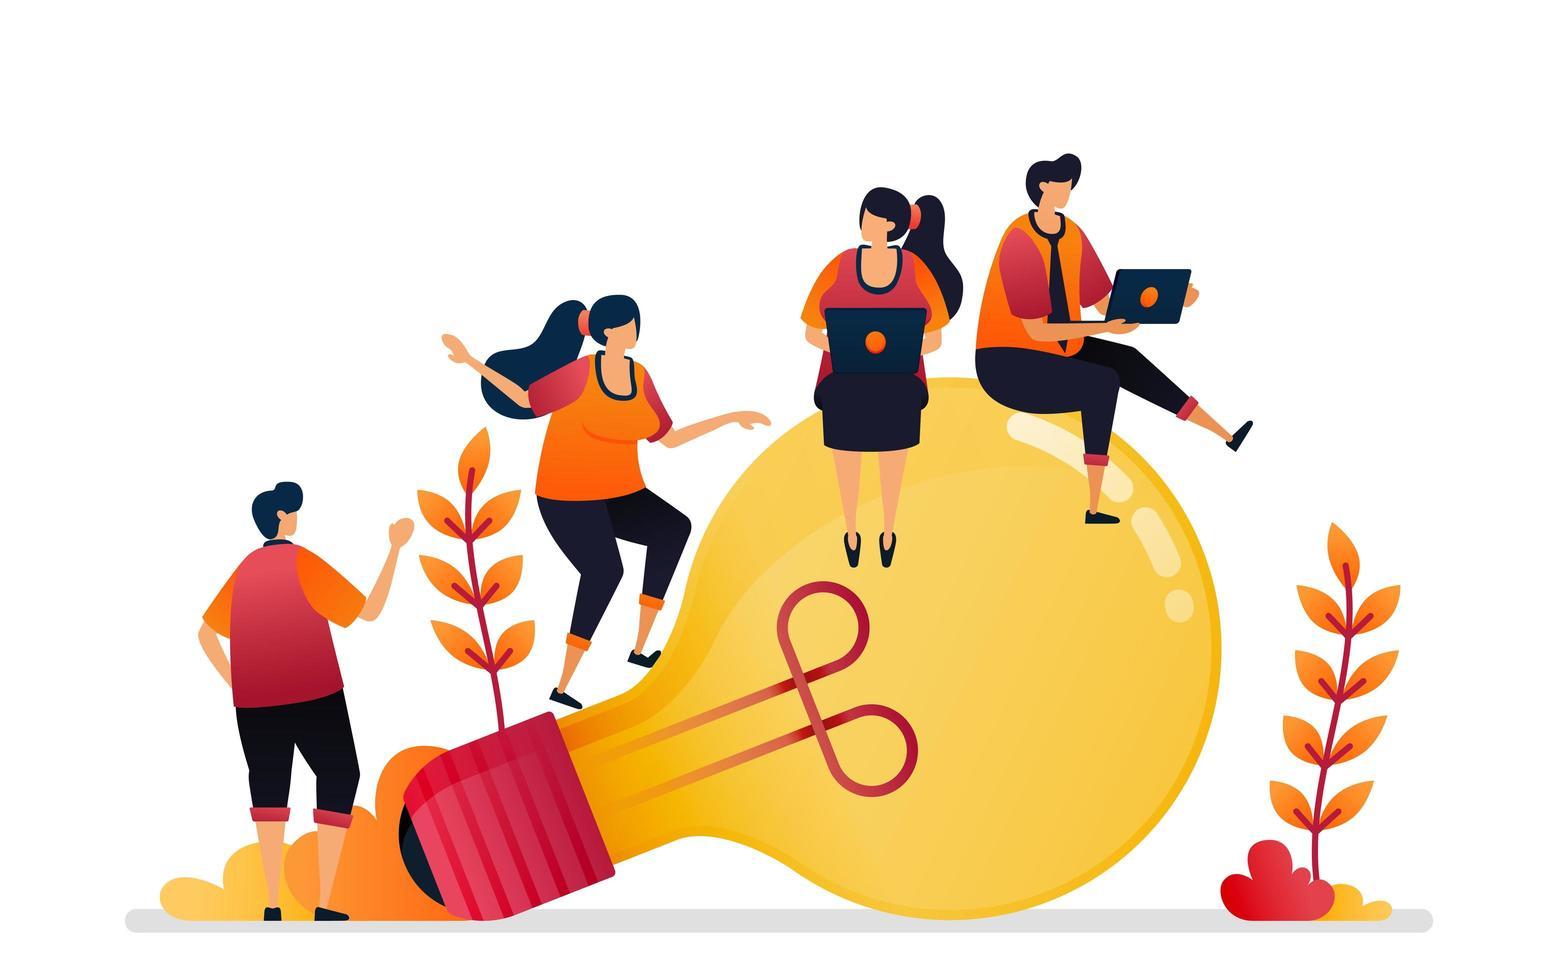 Vektor-Illustration von Idee und Inspiration, auf der Suche nach Problemlösung mit Brainstorming und Wissen. Grafikdesign für Zielseite, Web, Website, mobile Apps, Banner, Vorlage, Poster, Flyer vektor